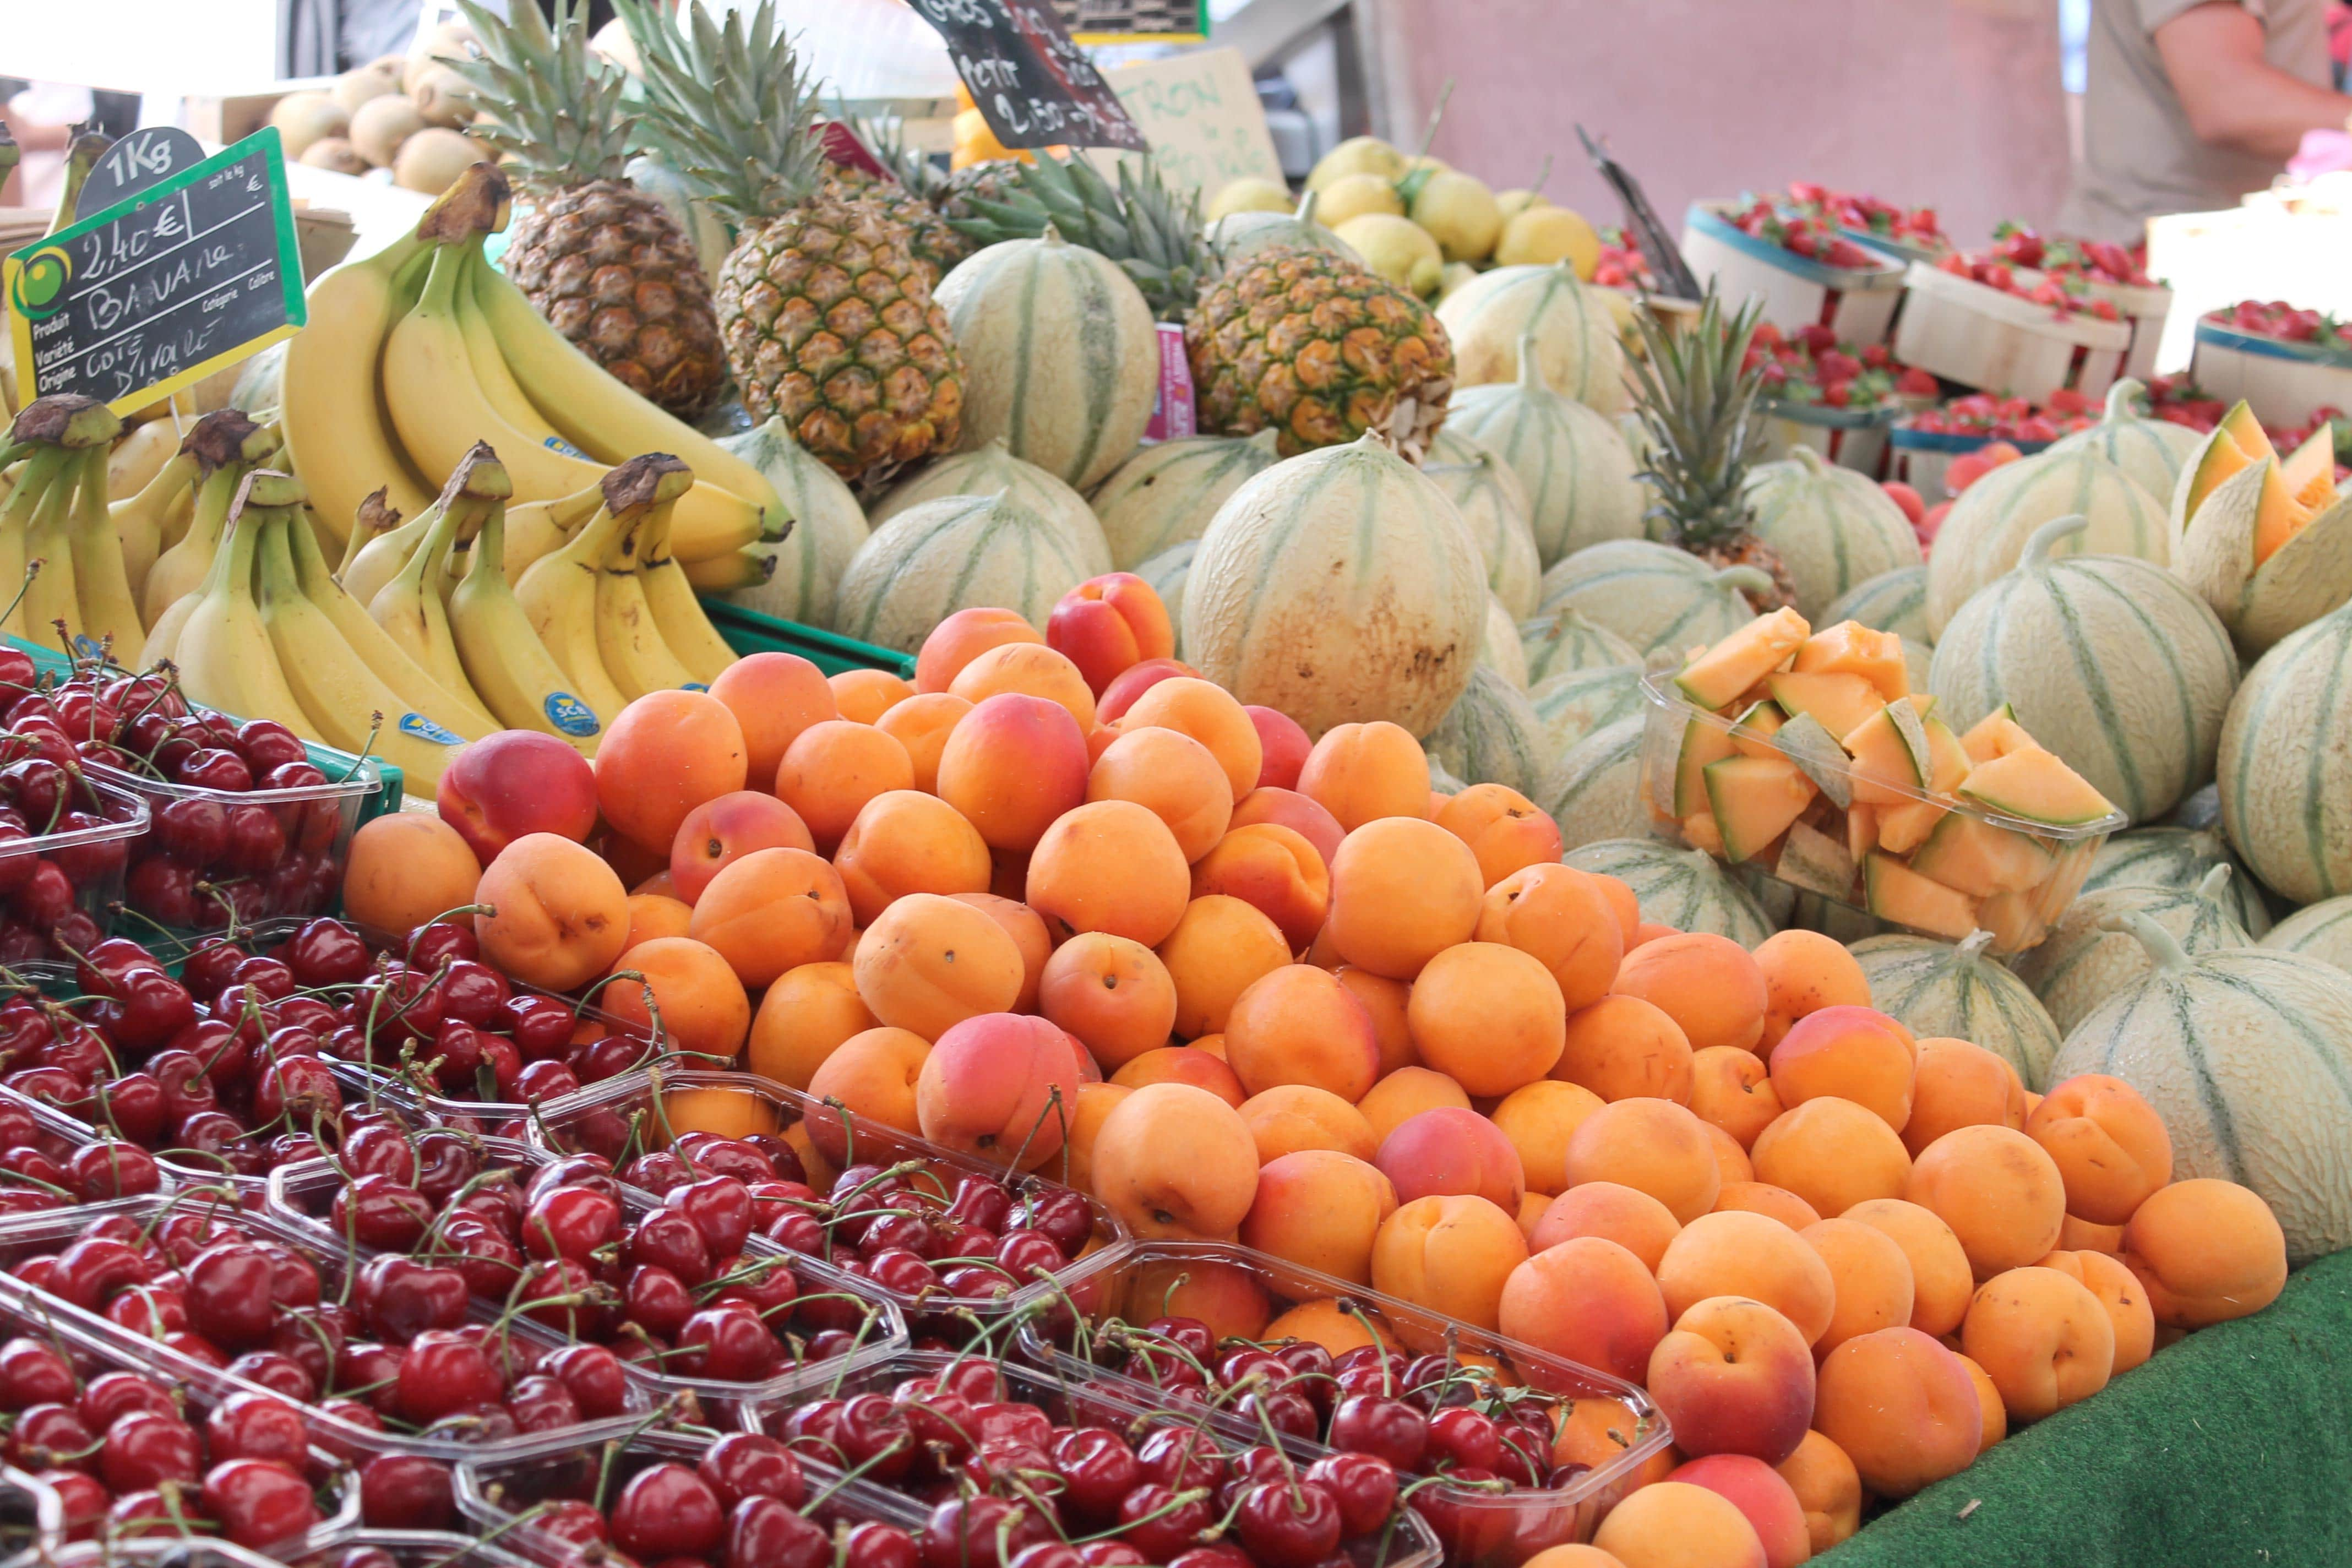 Shore excursion, fruit stall, Aix en Provence